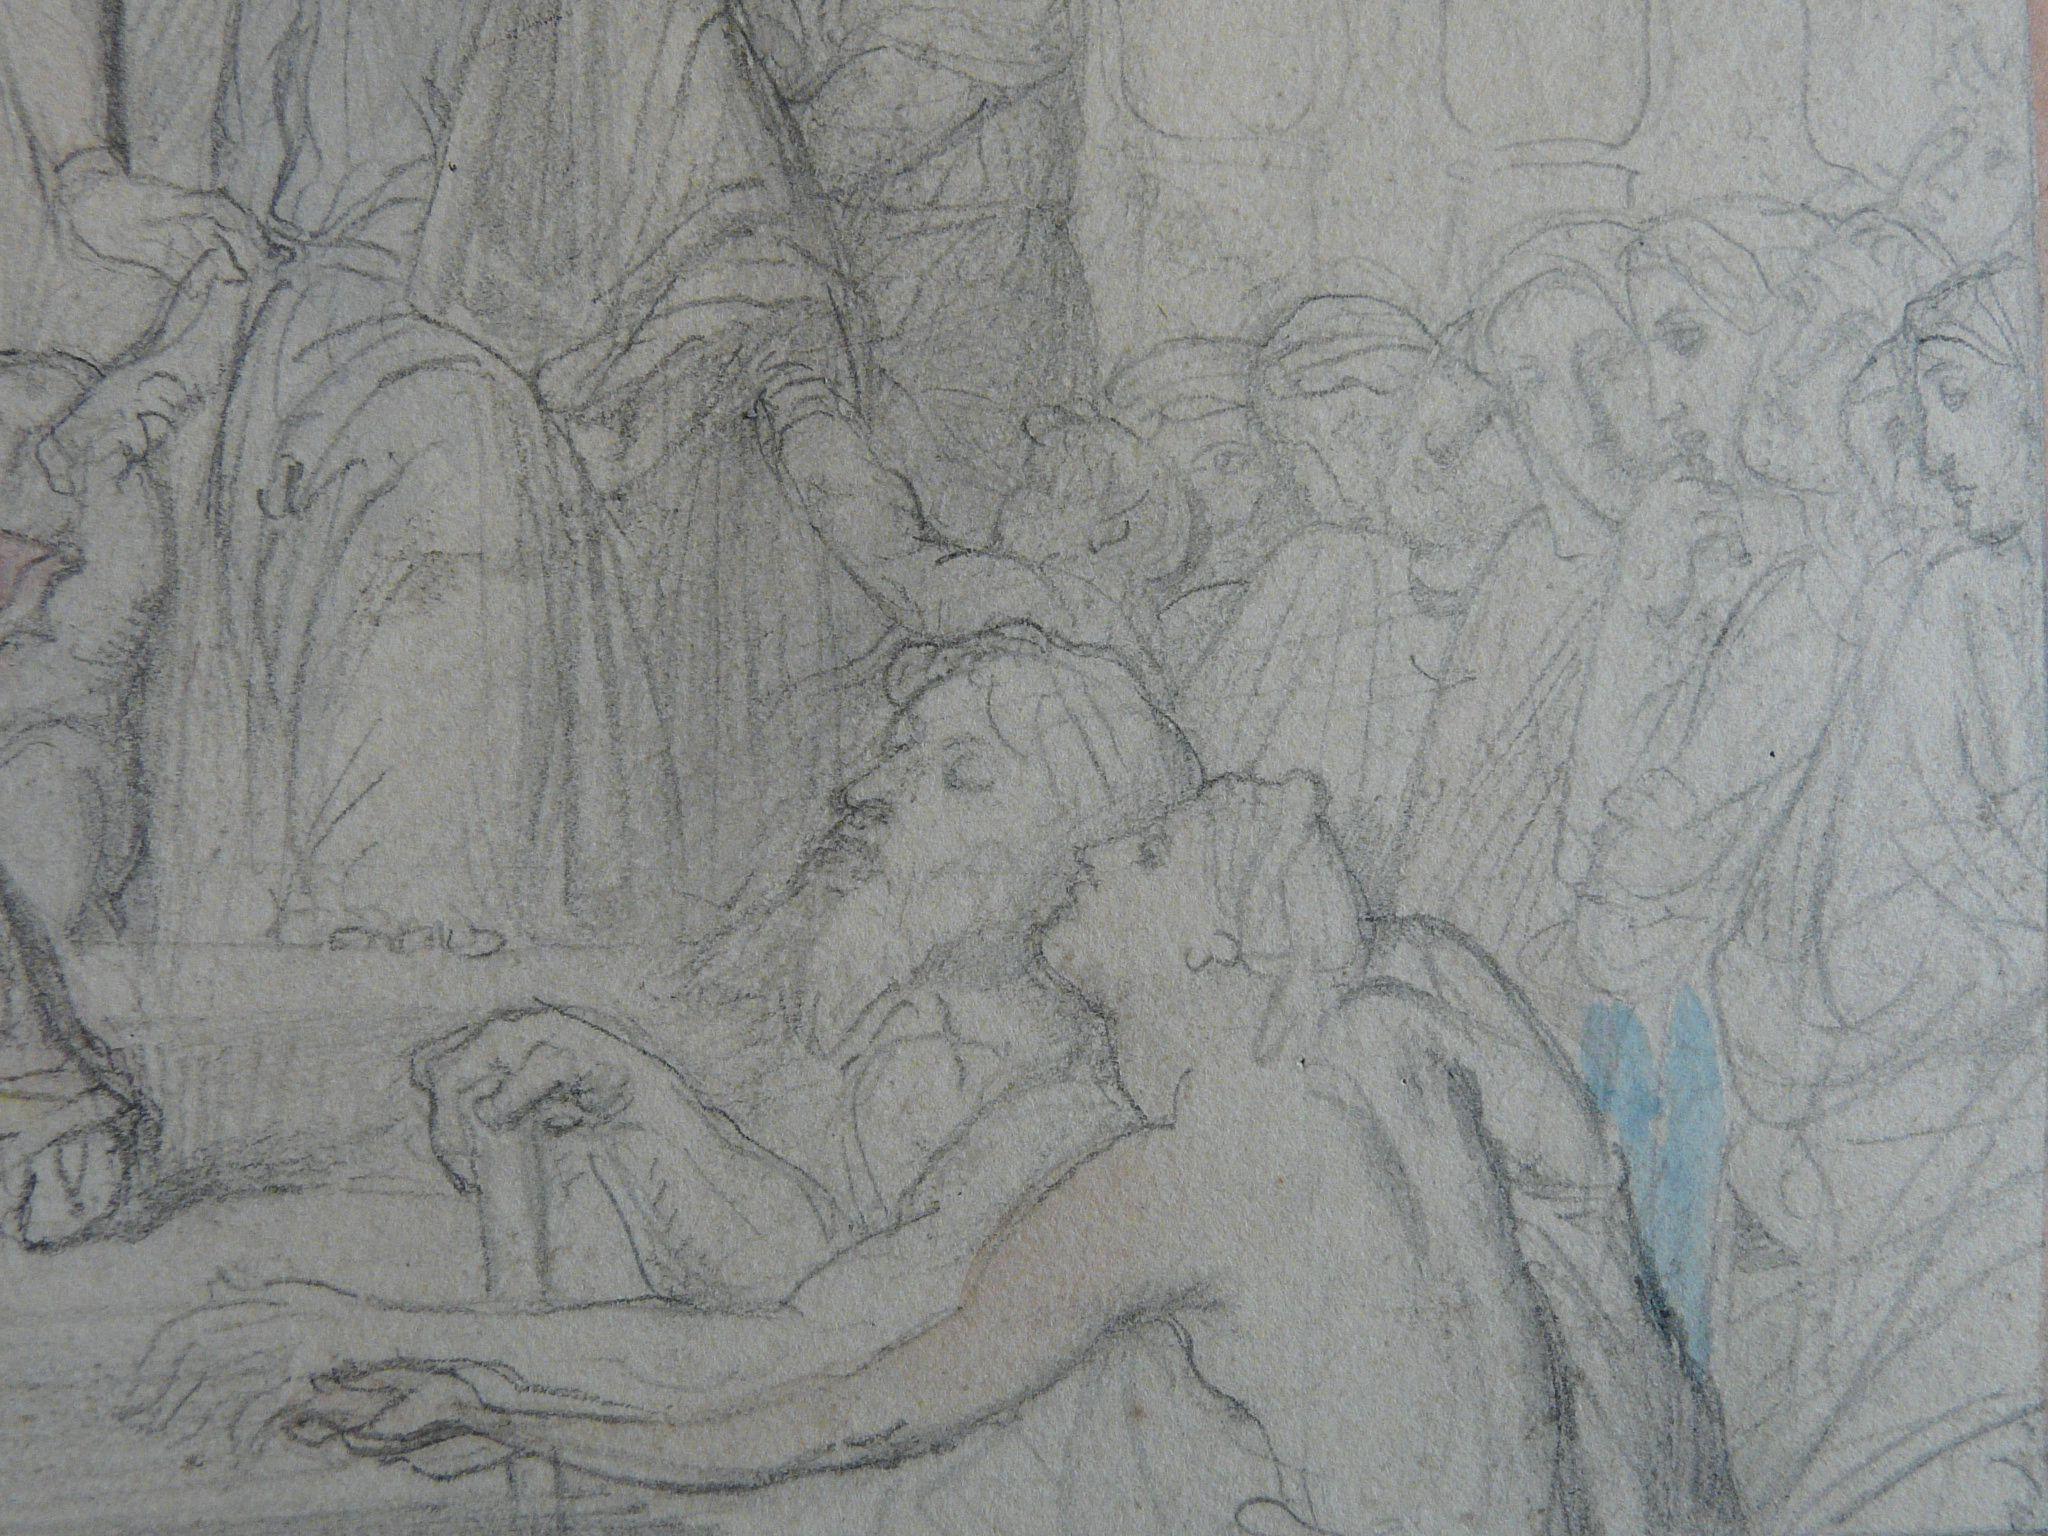 CHASSERIAU Théodore,1843 - Ste Marie l'Egyptienne, Etude pour l'Eglise St-Merri - drawing - Détail 17